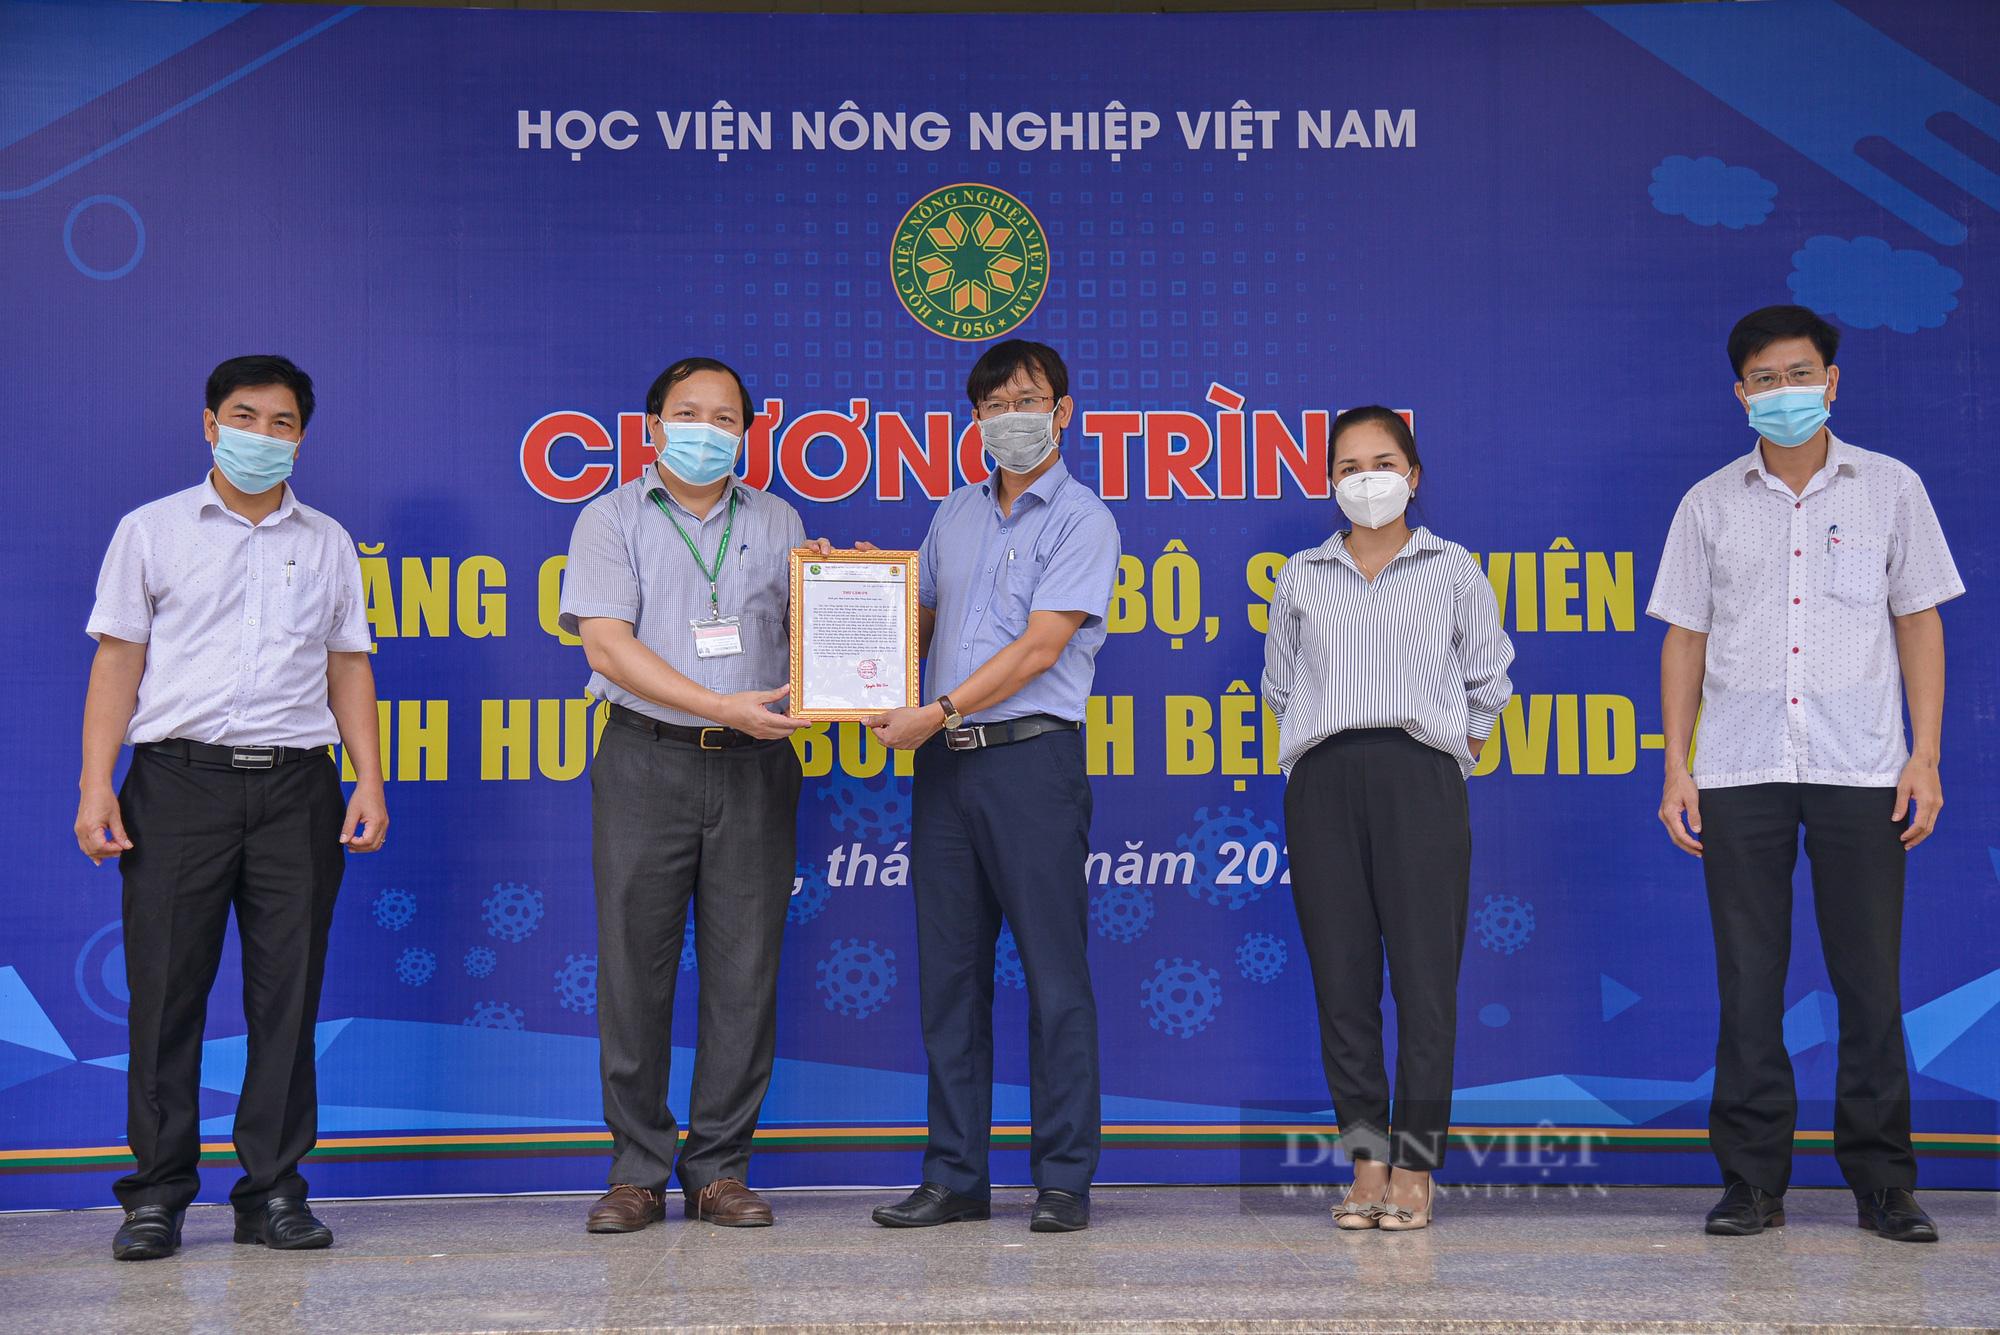 200 suất quà của bạn đọc Báo NTNN/Điện tử Dân Việt được trao đến tay sinh viên Học viện Nông nghiệp Việt Nam - Ảnh 11.